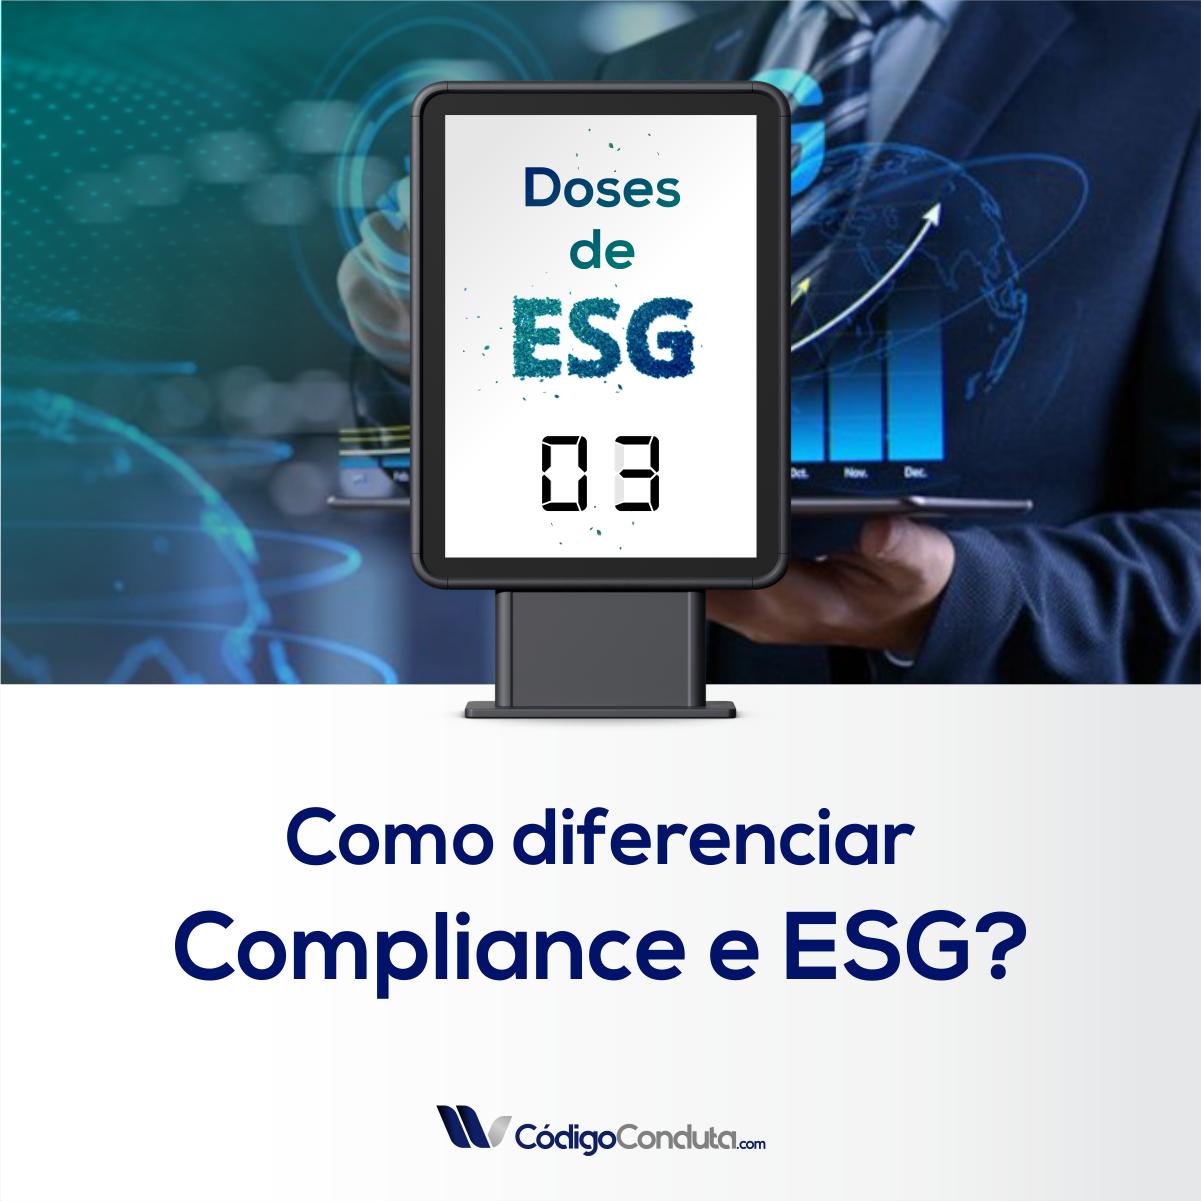 Doses de ESG – Diferenças entre Compliance e ESG